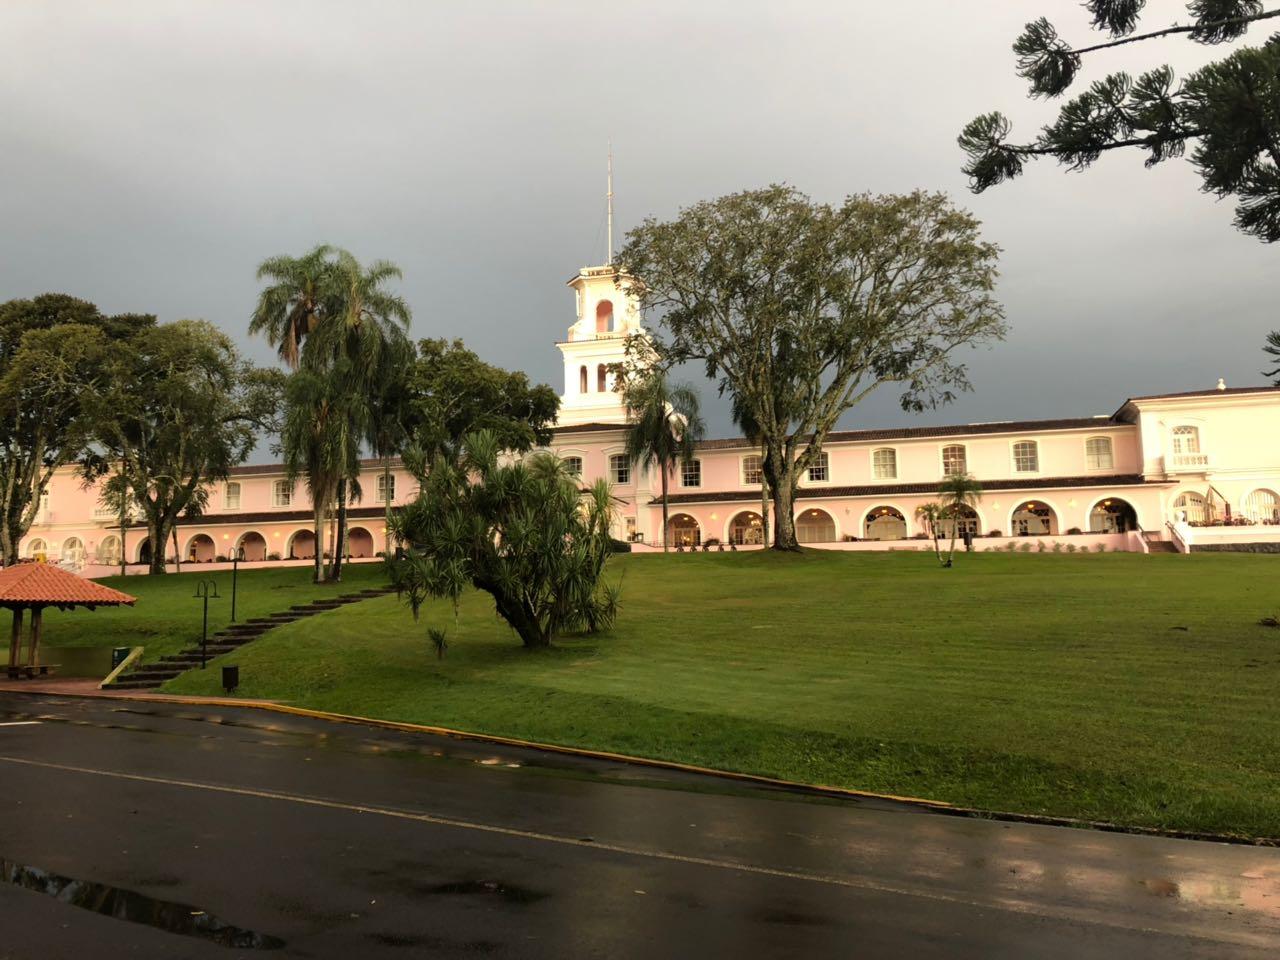 Conhecendo todas as dicas do que fazer em Foz do Iguaçu e o Hotel das Cataratas